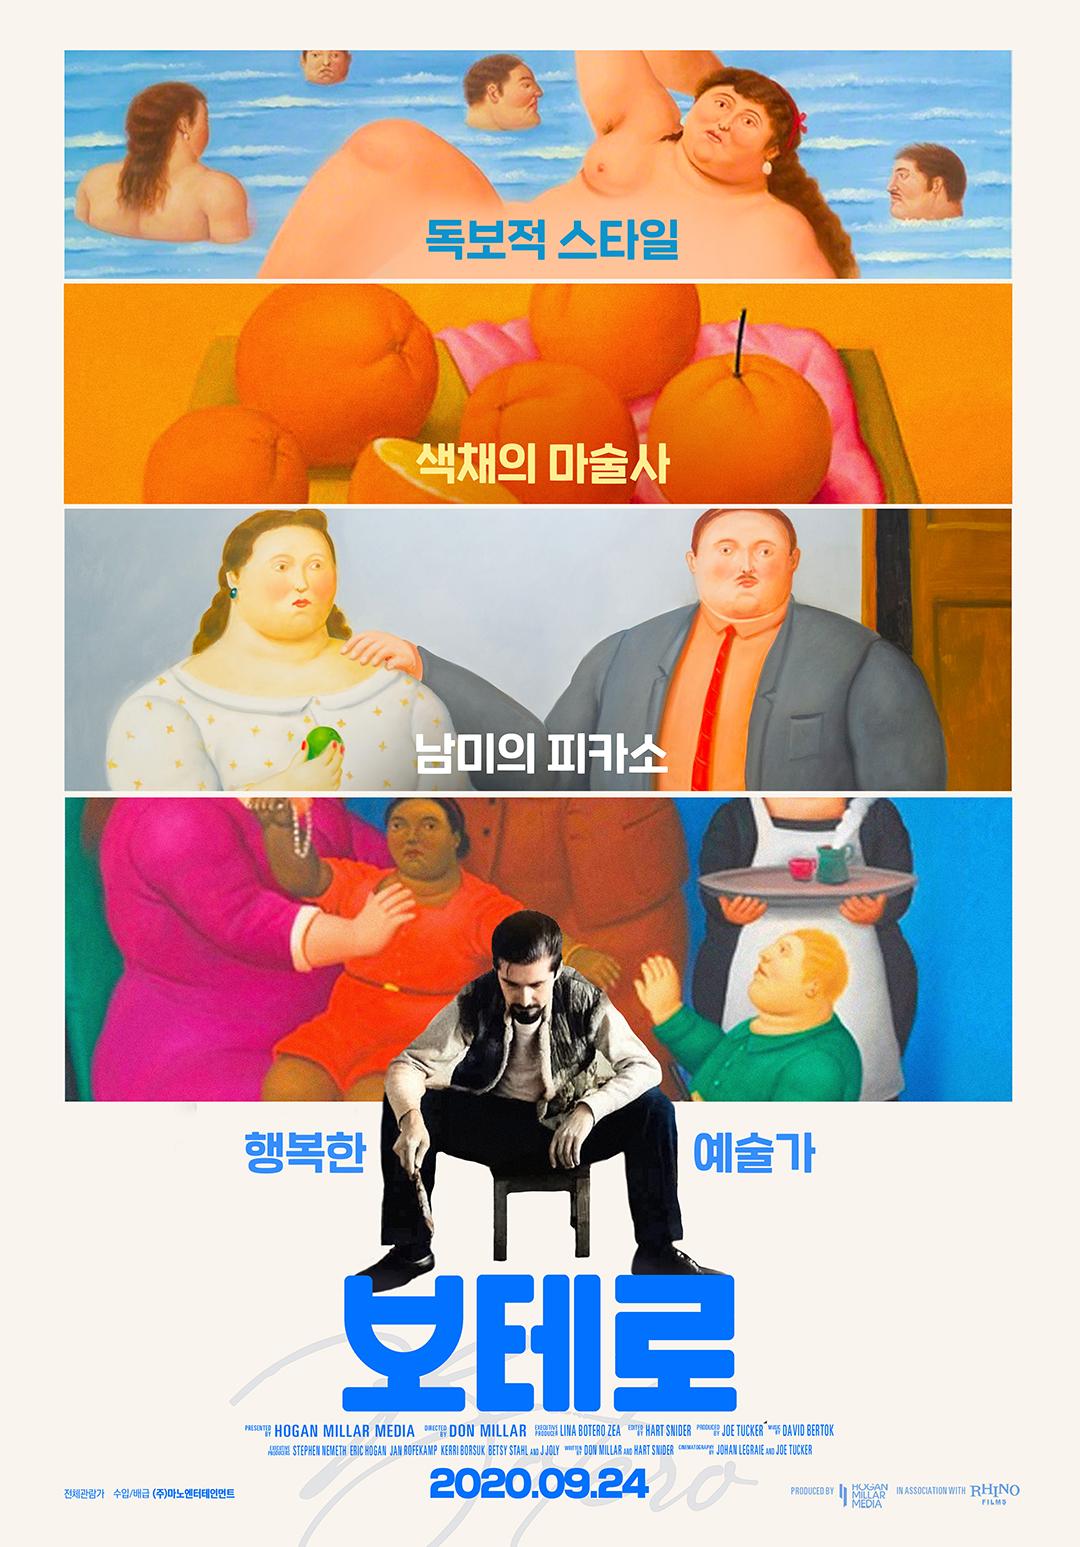 <보테로> - 뚱뚱한 사람을 그리는 예술가의 작품에서 느껴지는 따스함